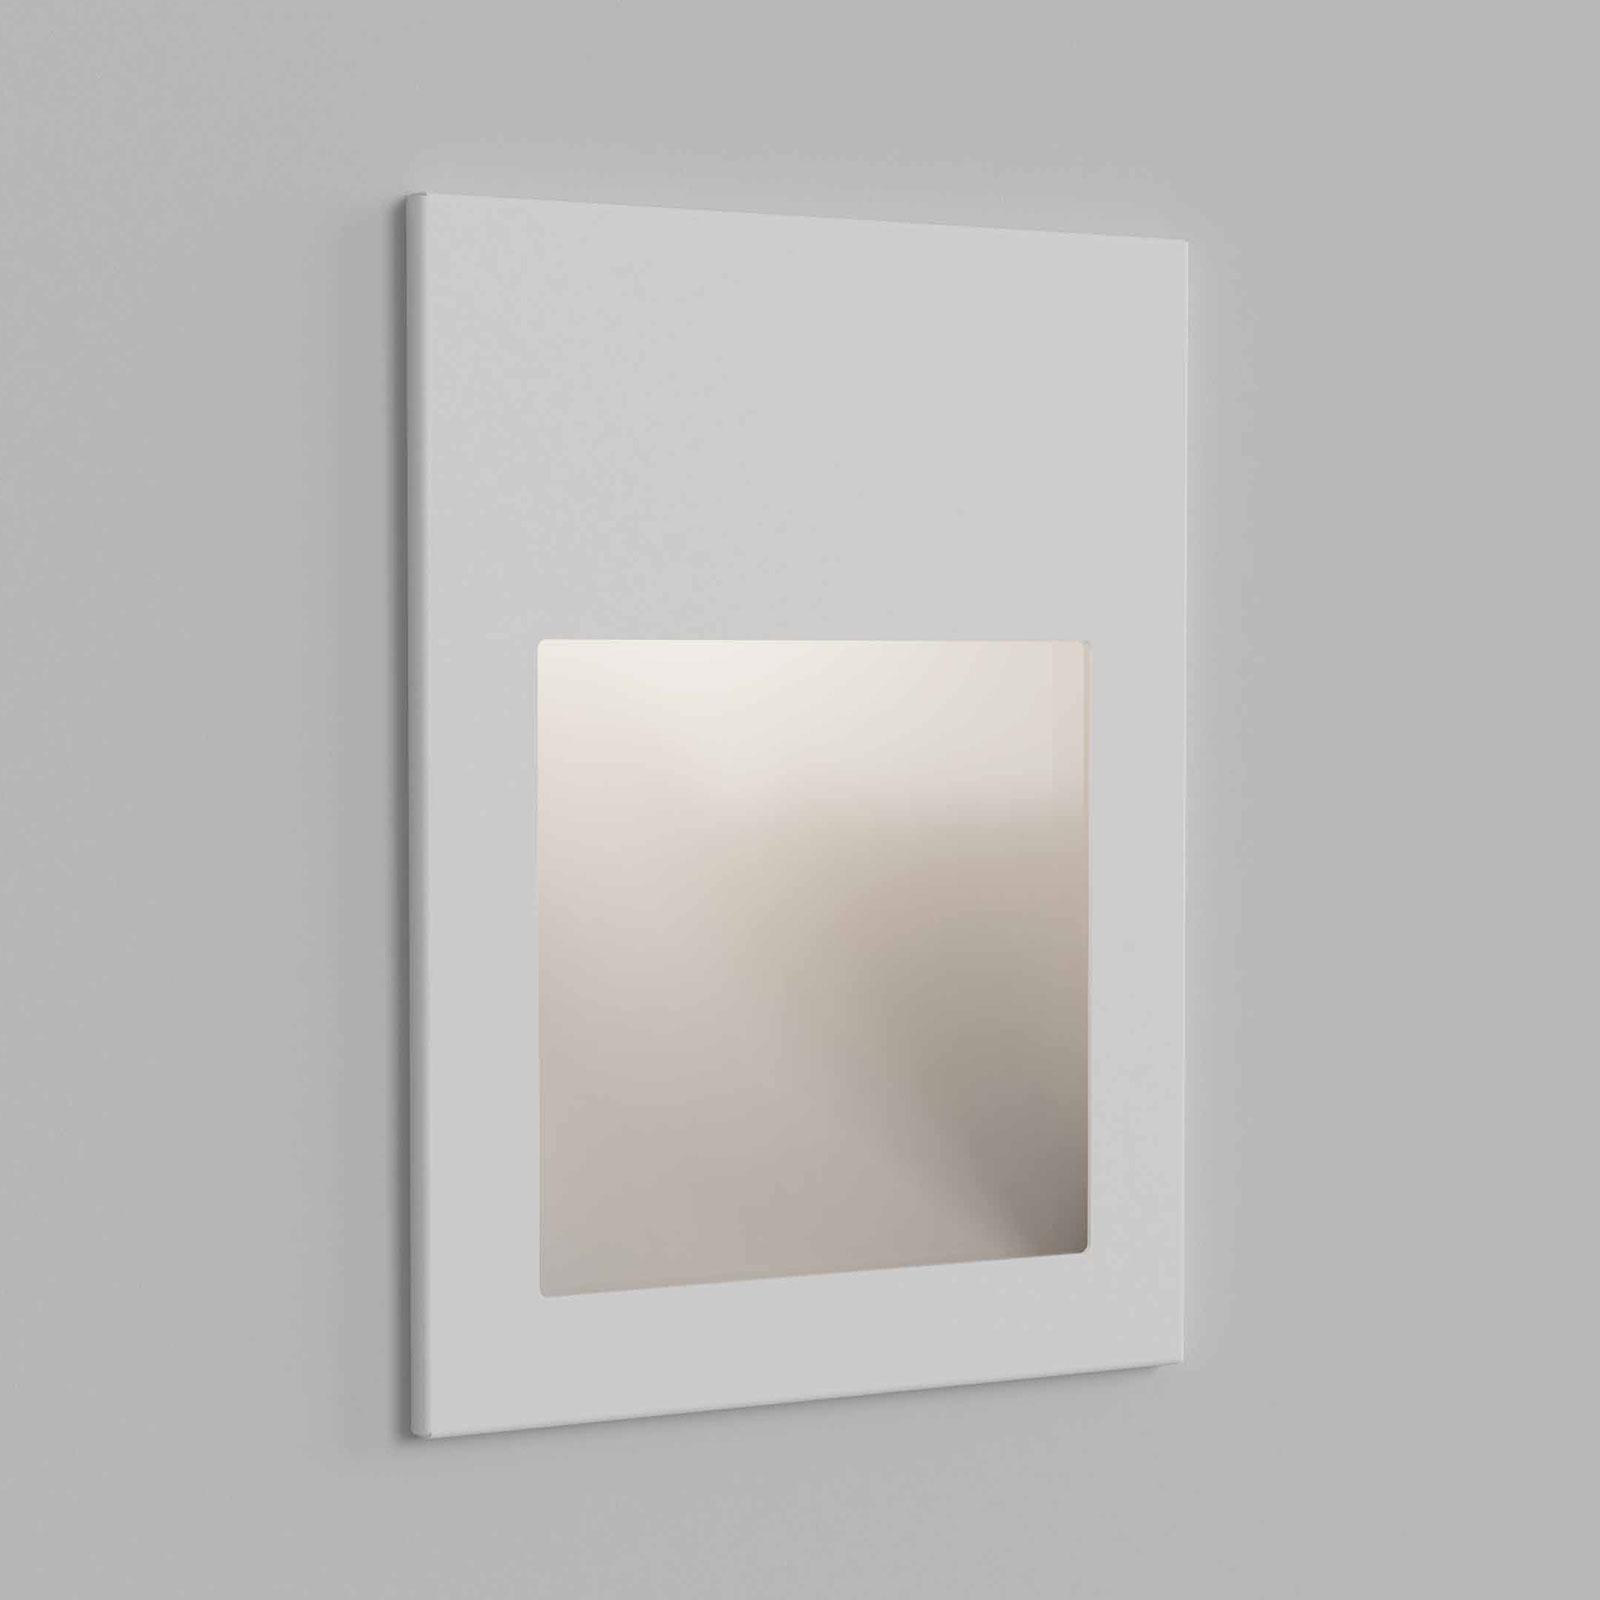 Astro Borgo 90 innfelt vegglampe, hvit tekstur